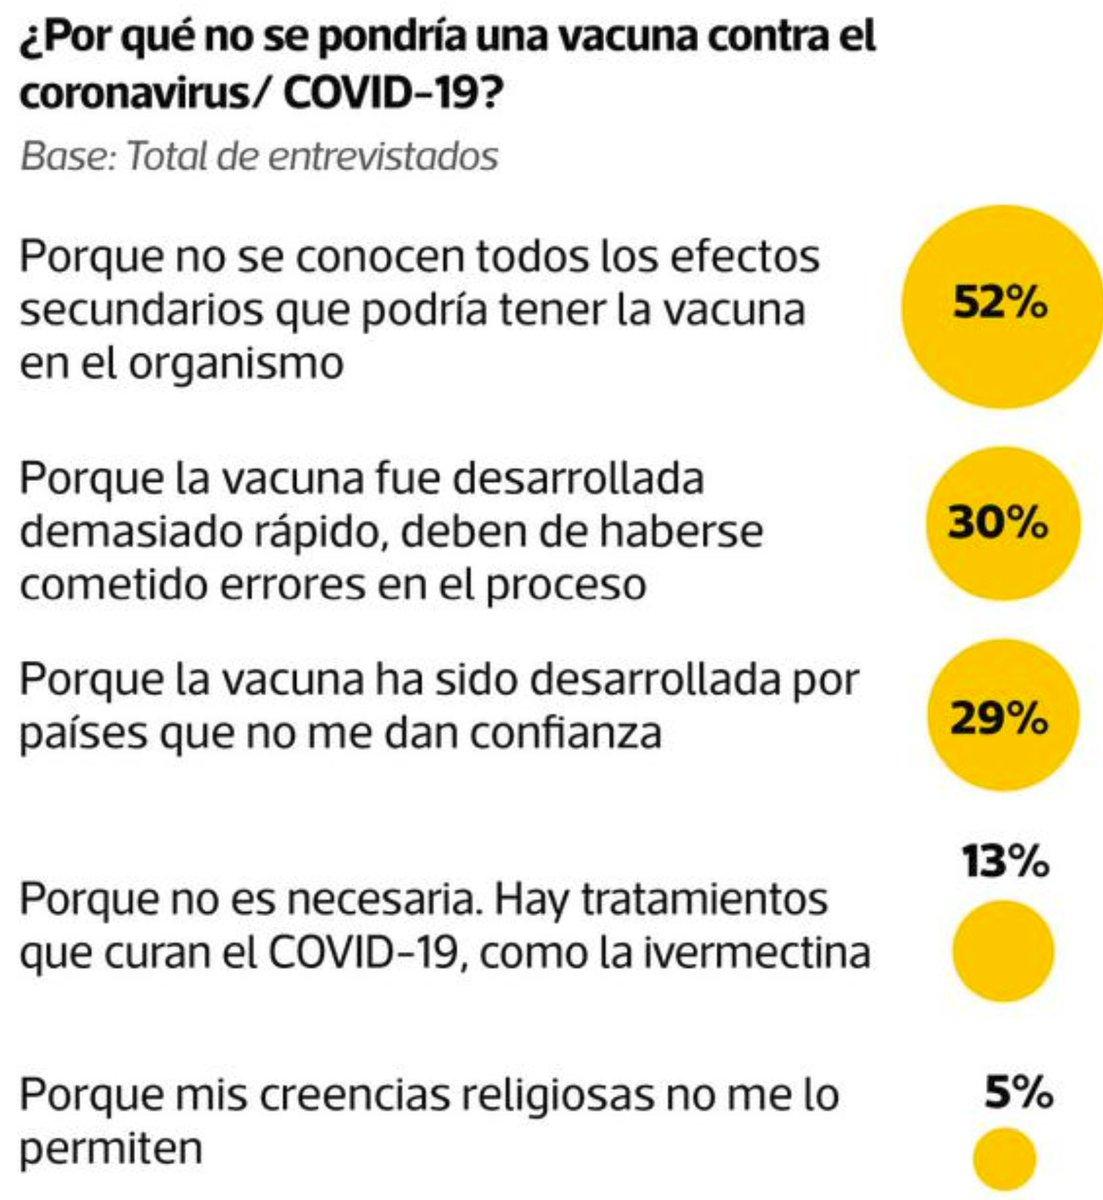 ¿Por qué no se pondría una vacuna contra el coronavirus? https://t.co/EzlS0uJSQf https://t.co/KUh3tSwH6j